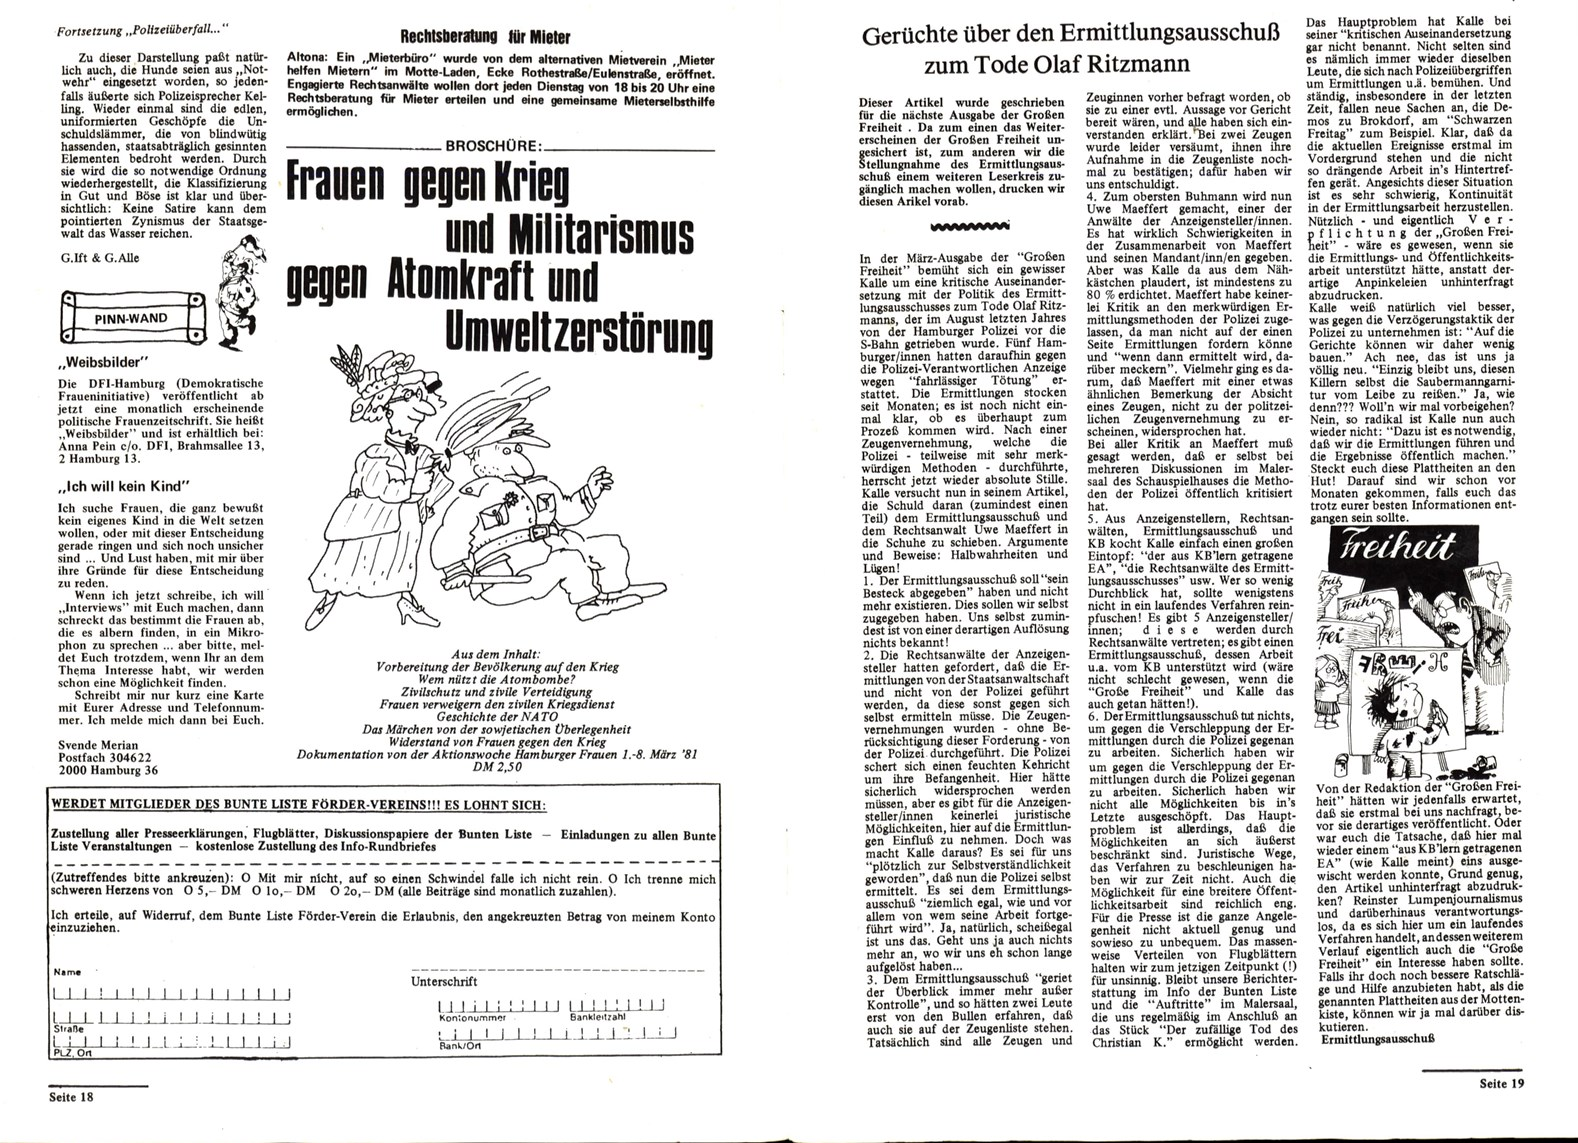 Hamburg_BuLi_Info_19810400_10